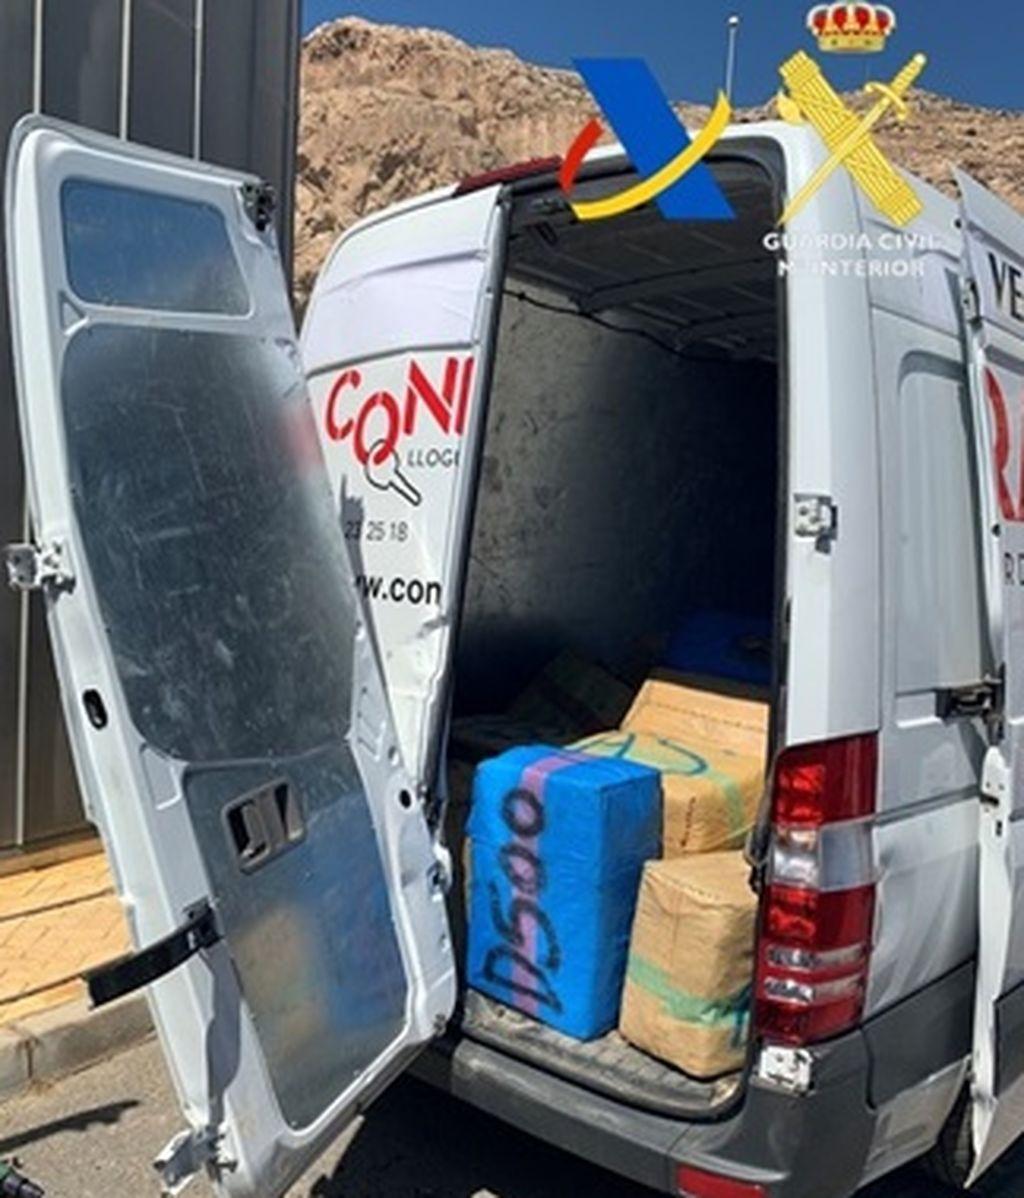 La furgoneta que aprovisionaba de gasolina y volvía cargada con hachís